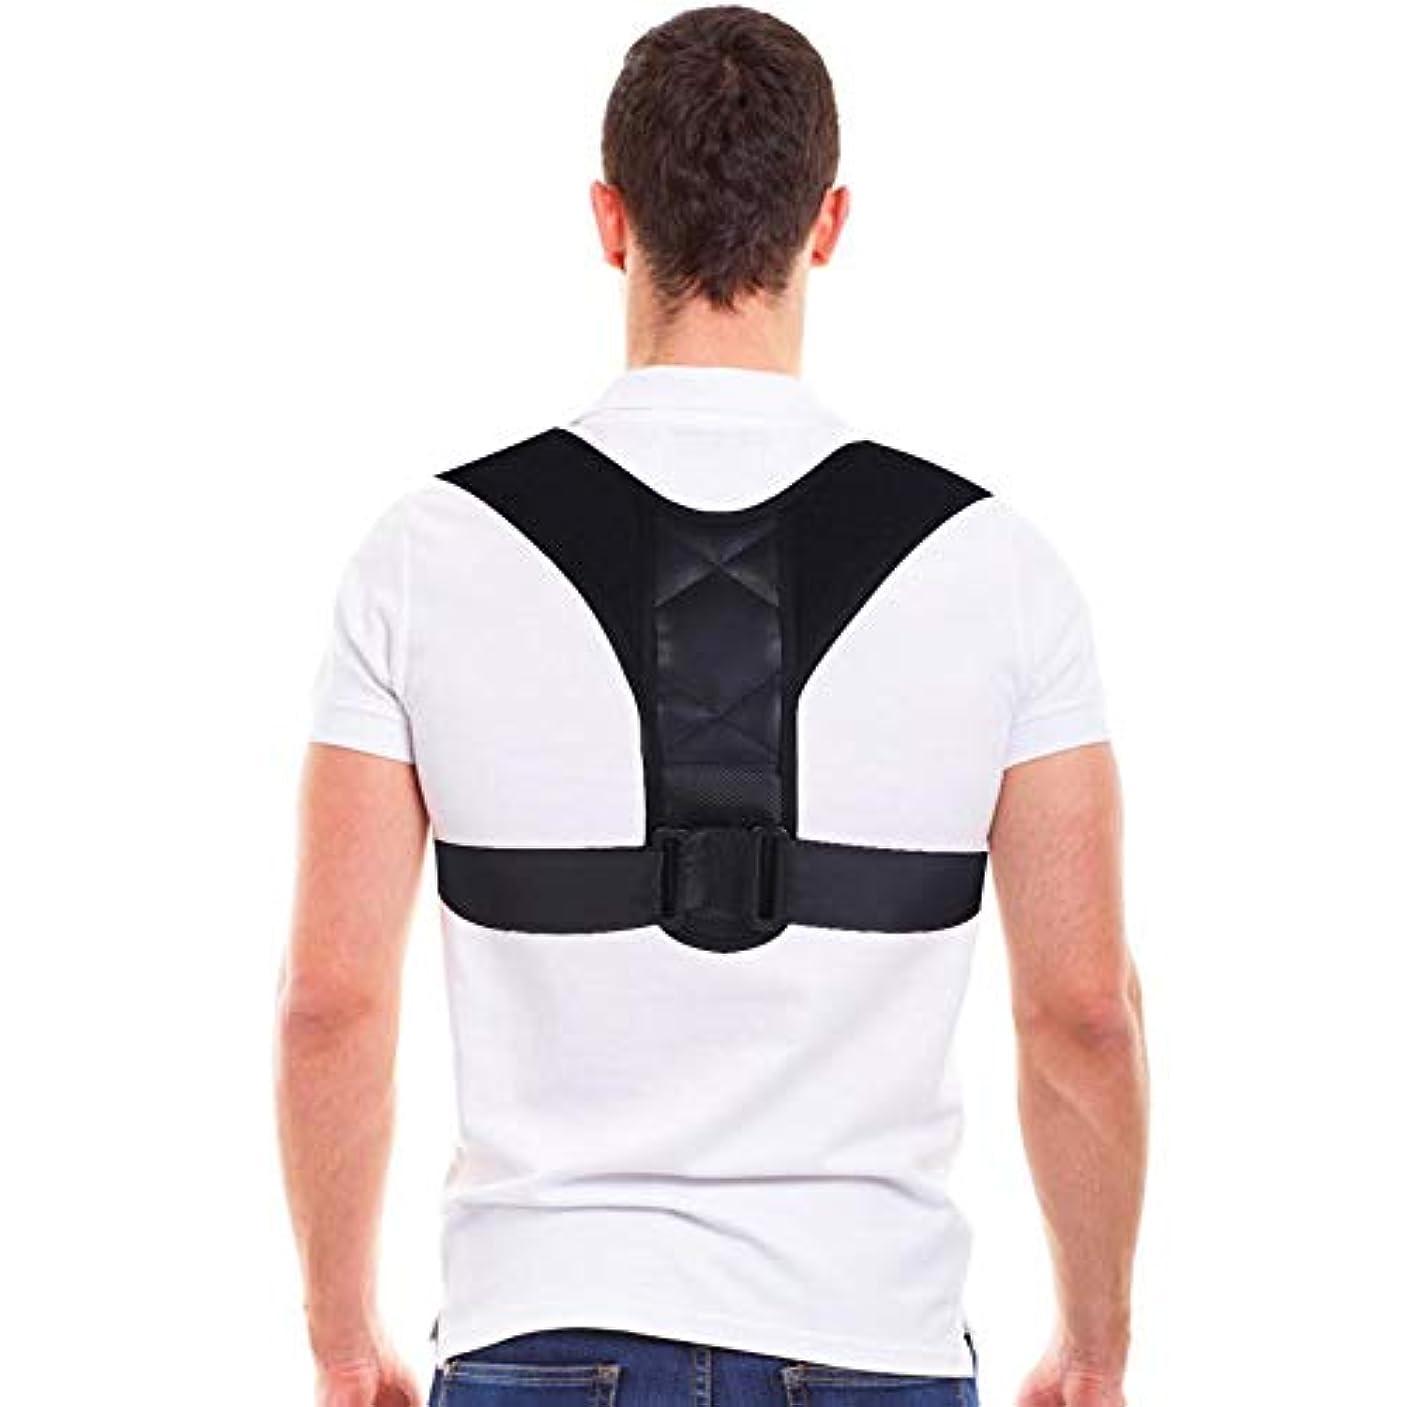 締め切り作曲する匹敵しますコレクター姿勢バックサポートベルト、8字型デザインの調節可能な鎖骨装具バンド、男性と女性の姿勢、腰痛予防、腰痛予防